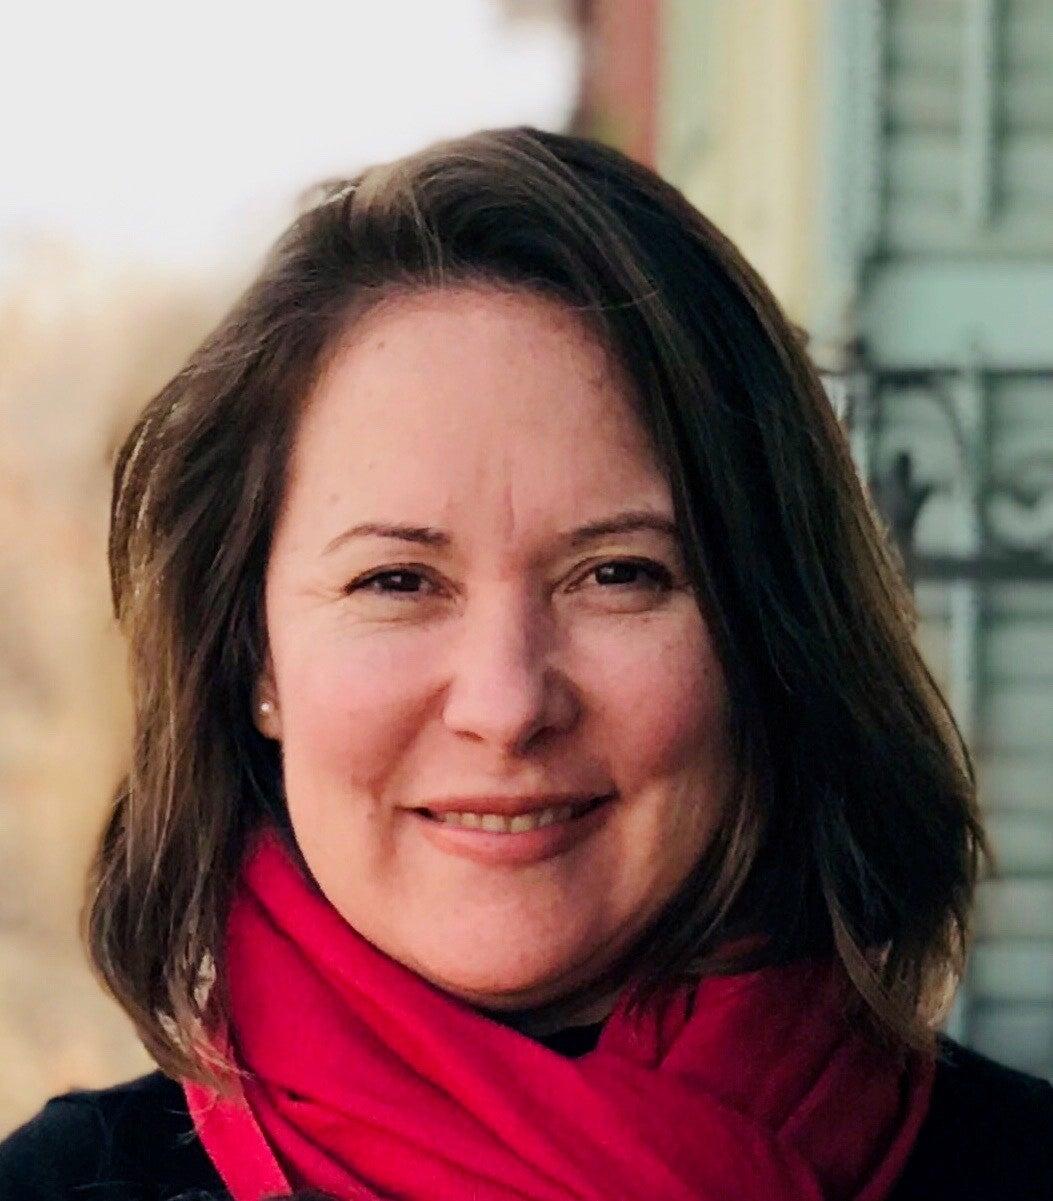 Michelle Leonor Moreno